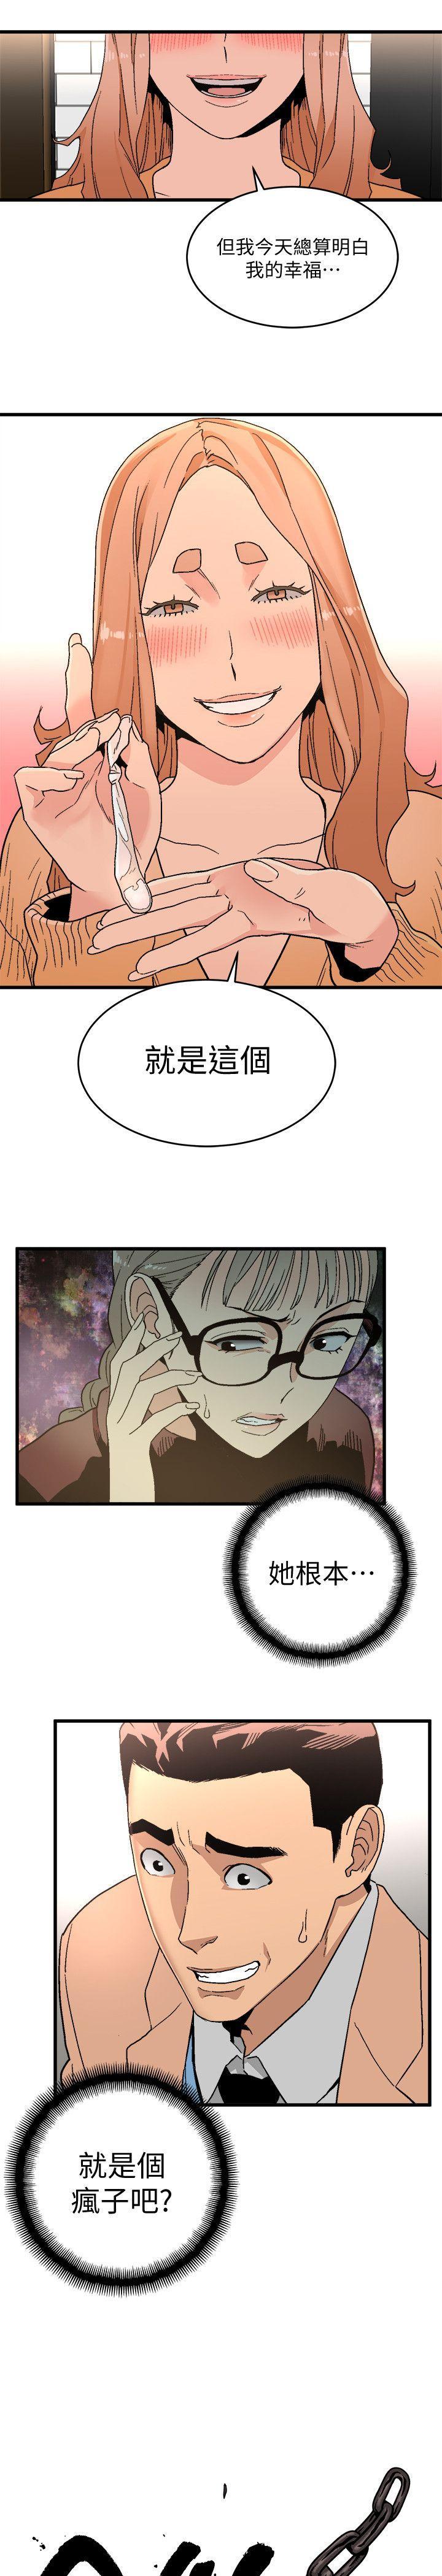 【韓漫】食物鏈 #18 - 情色卡漫 -